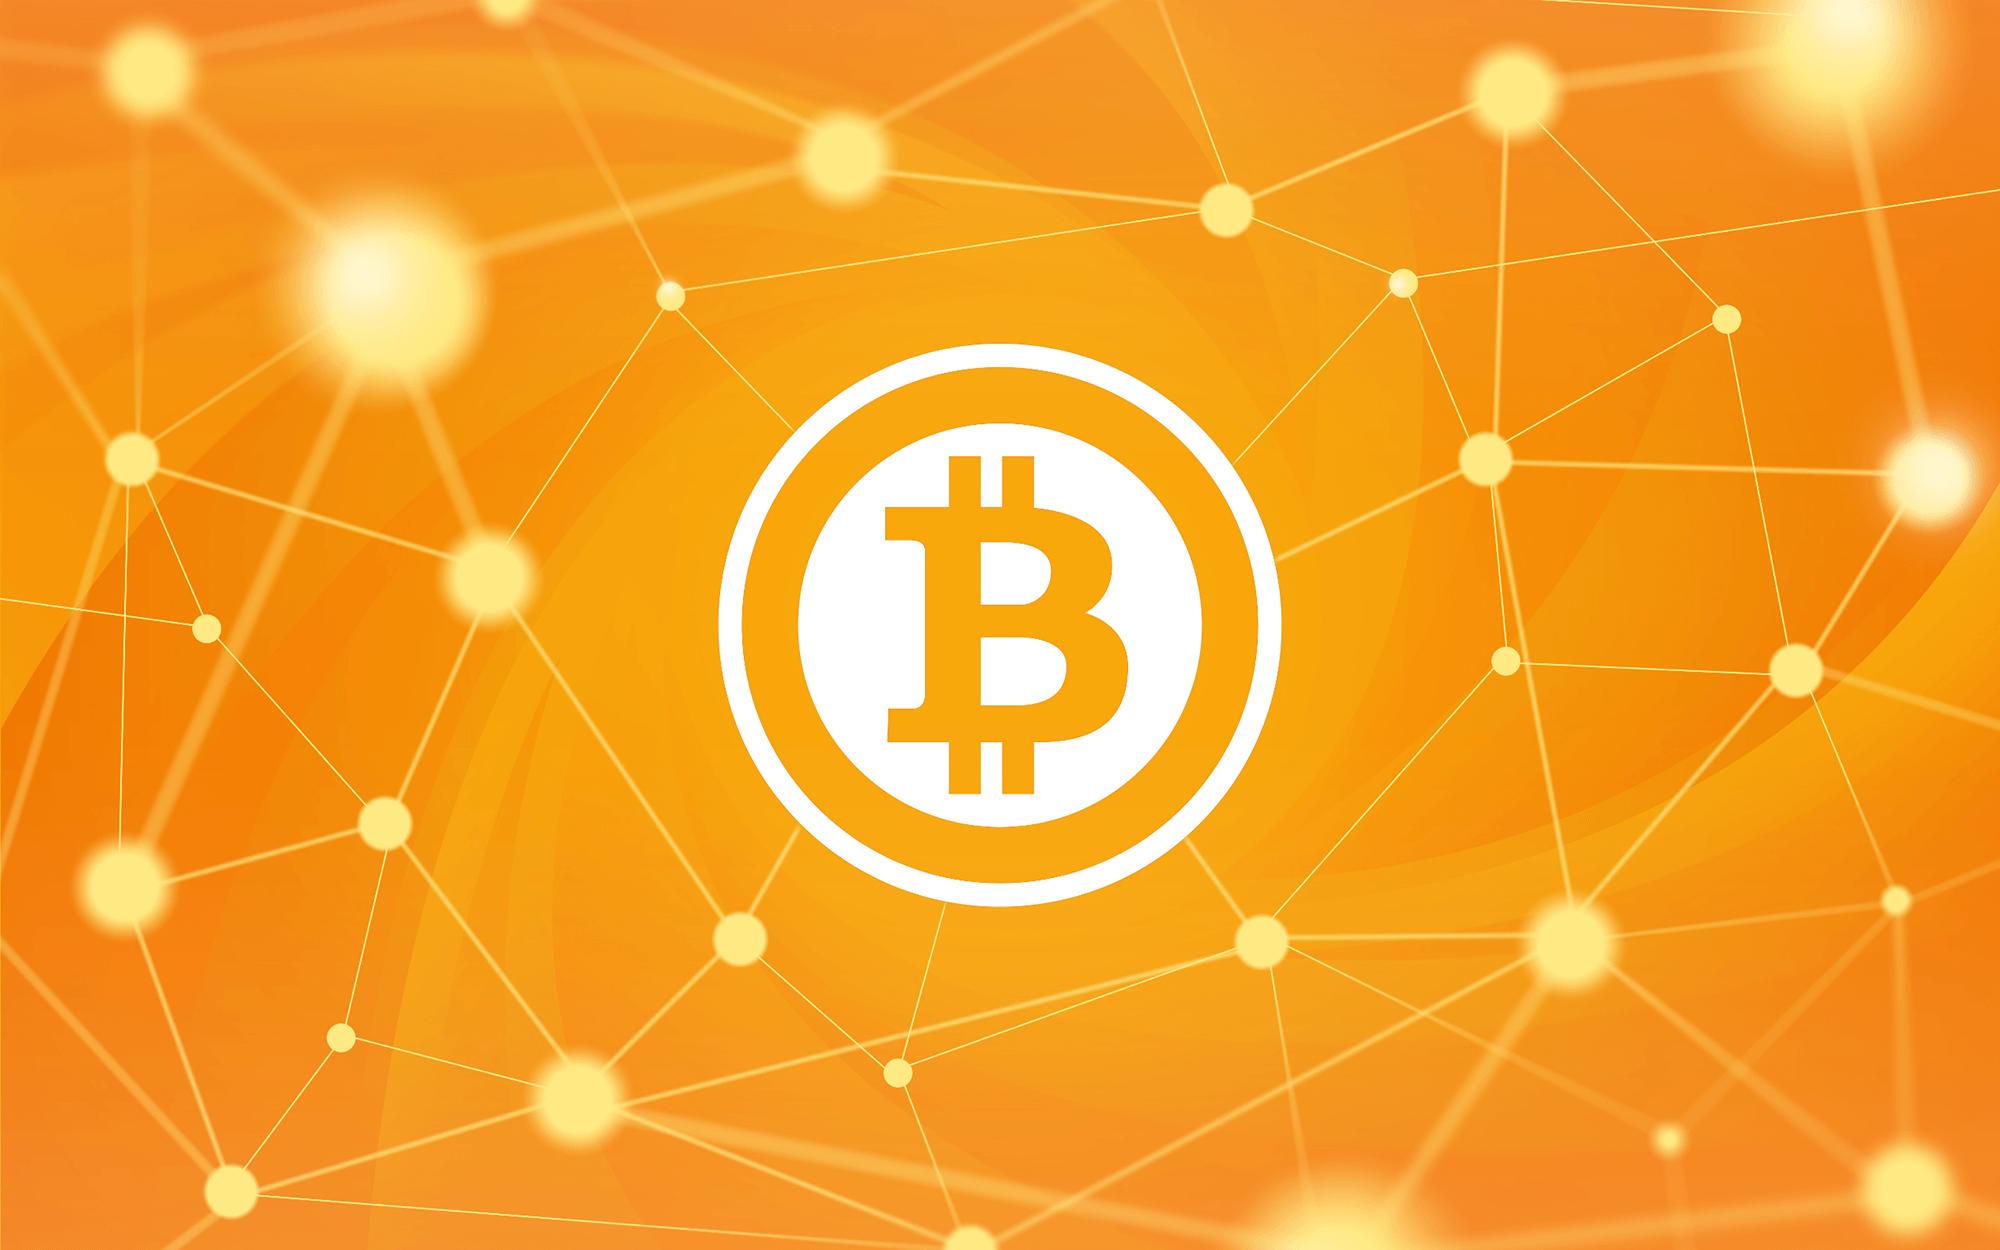 ゴールドラッシュ、幻か現実か 「Bitcoin」の落とし穴